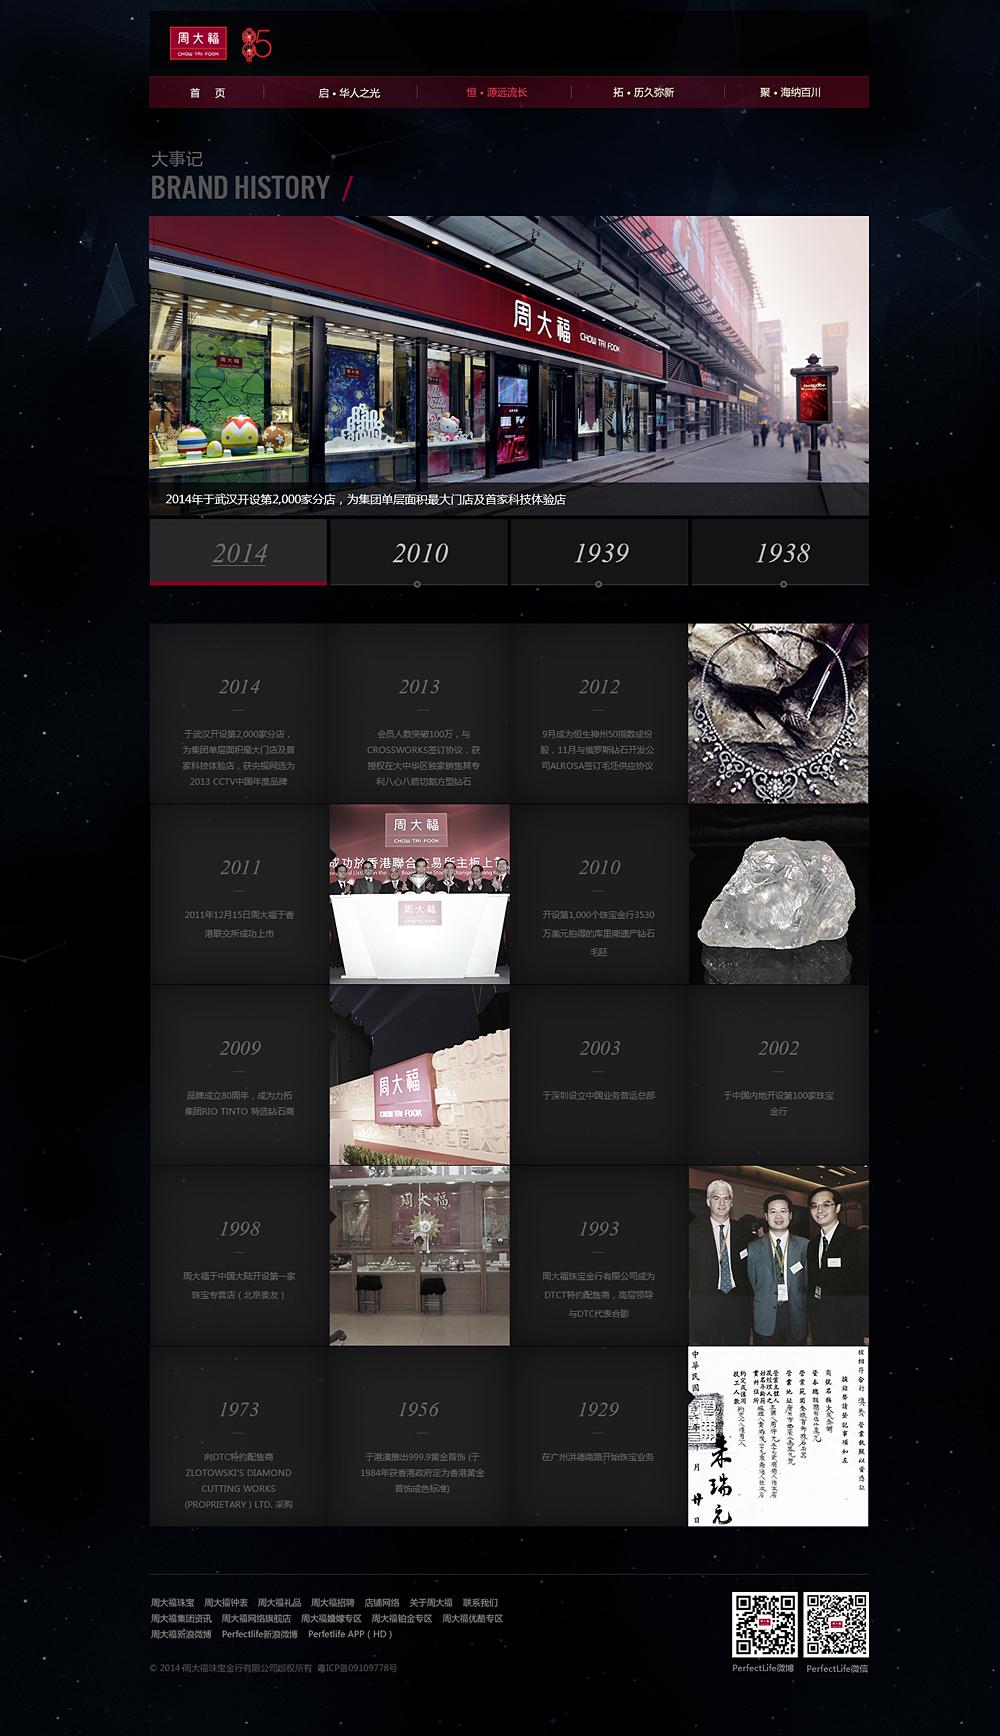 周大福专题网页设计,深圳网站建设,深圳网页设计,深圳网站设计